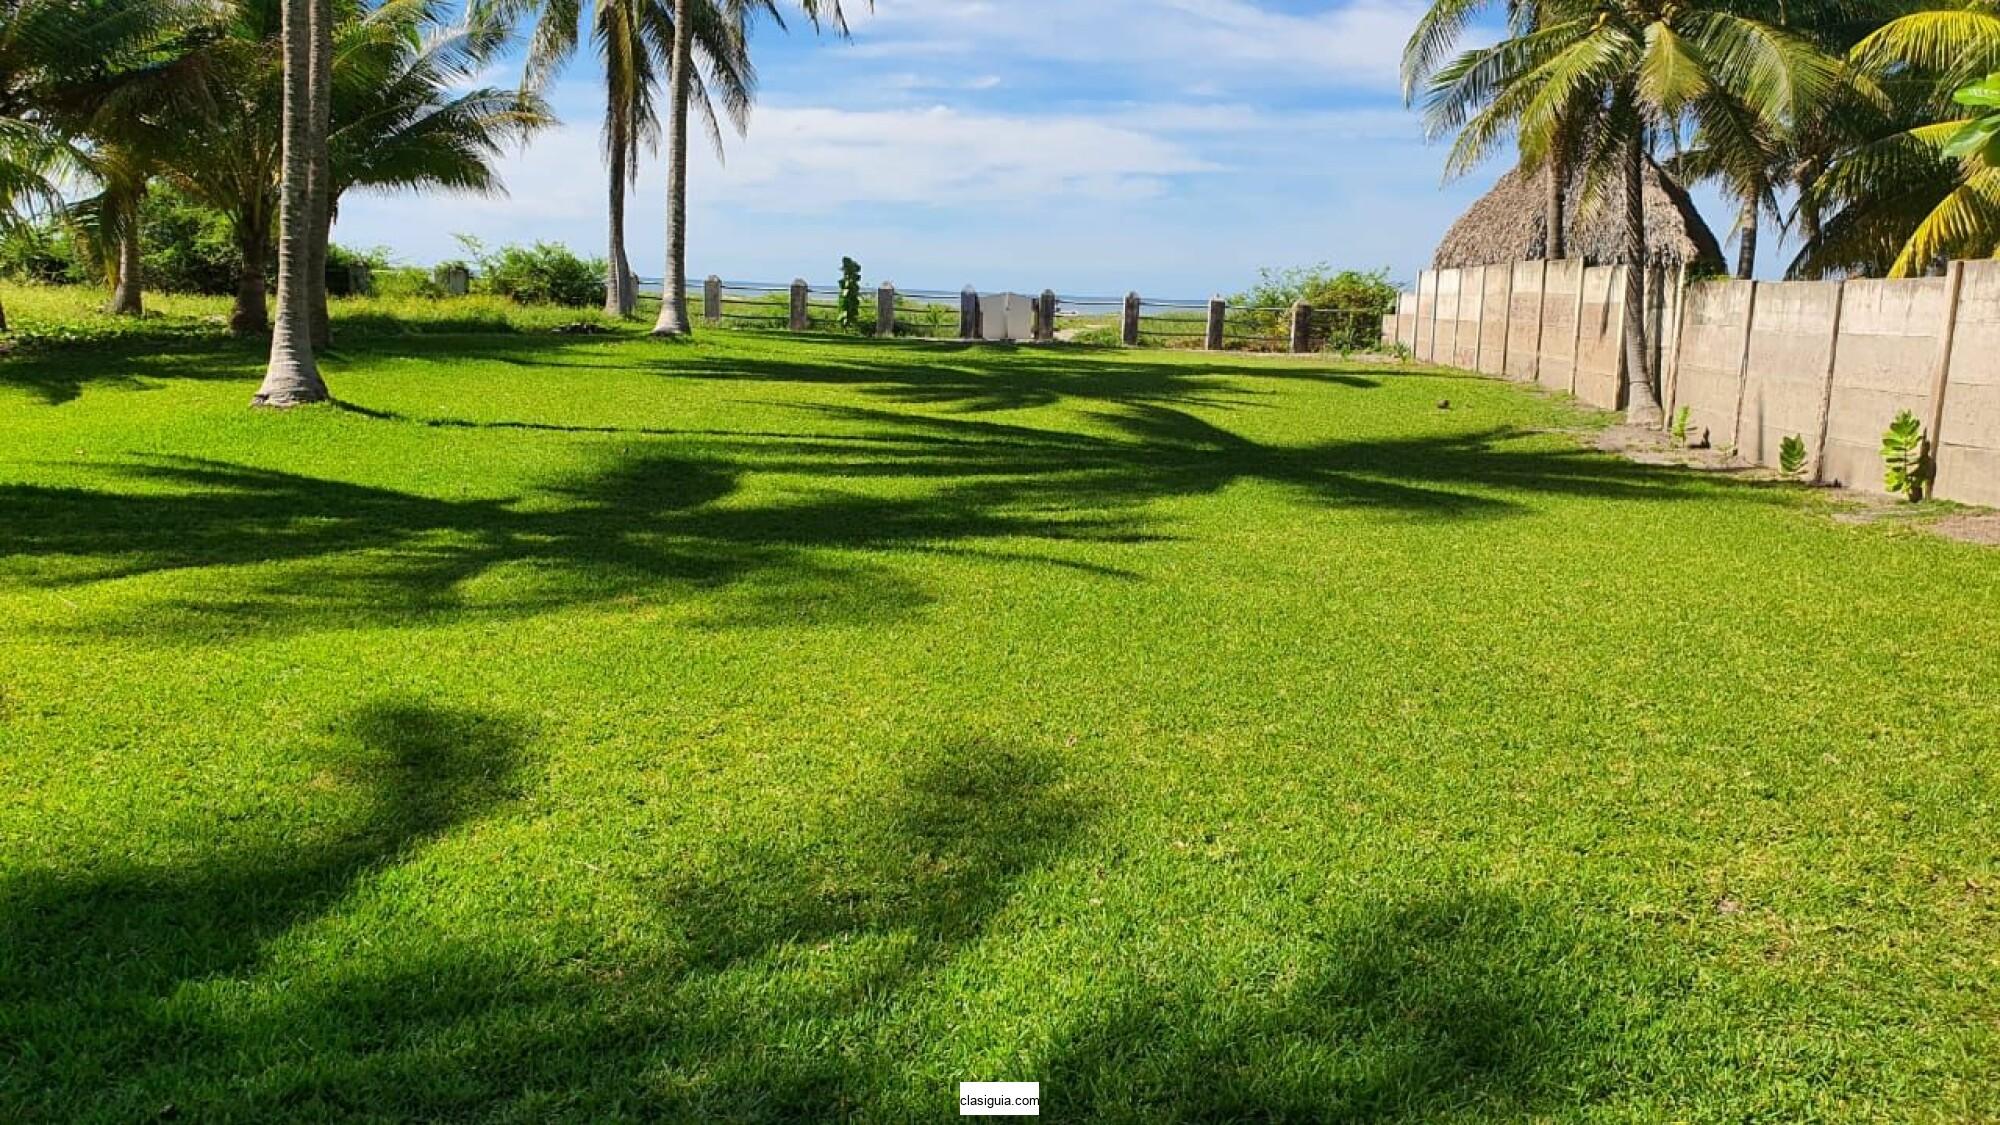 SE VENDE TERRENO COSTA DEL SOL KM 72, BUENA UBICACION,  PLANO, ENFRENTE DEL MAR, tiene 7,673 v2 de terreno total